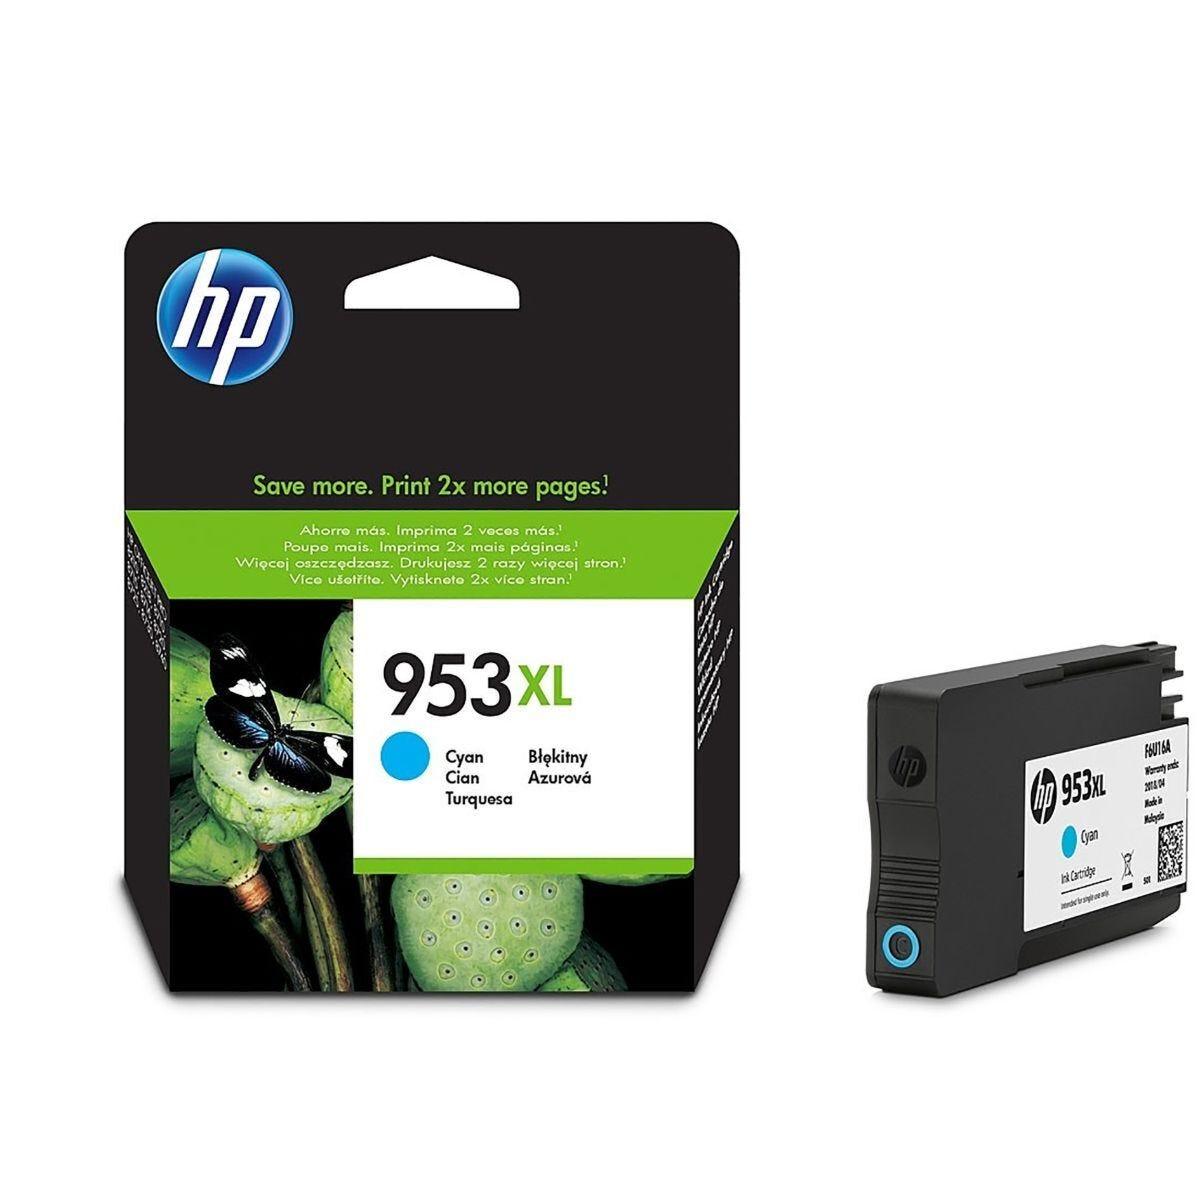 HP 953XL Ink Cartridge